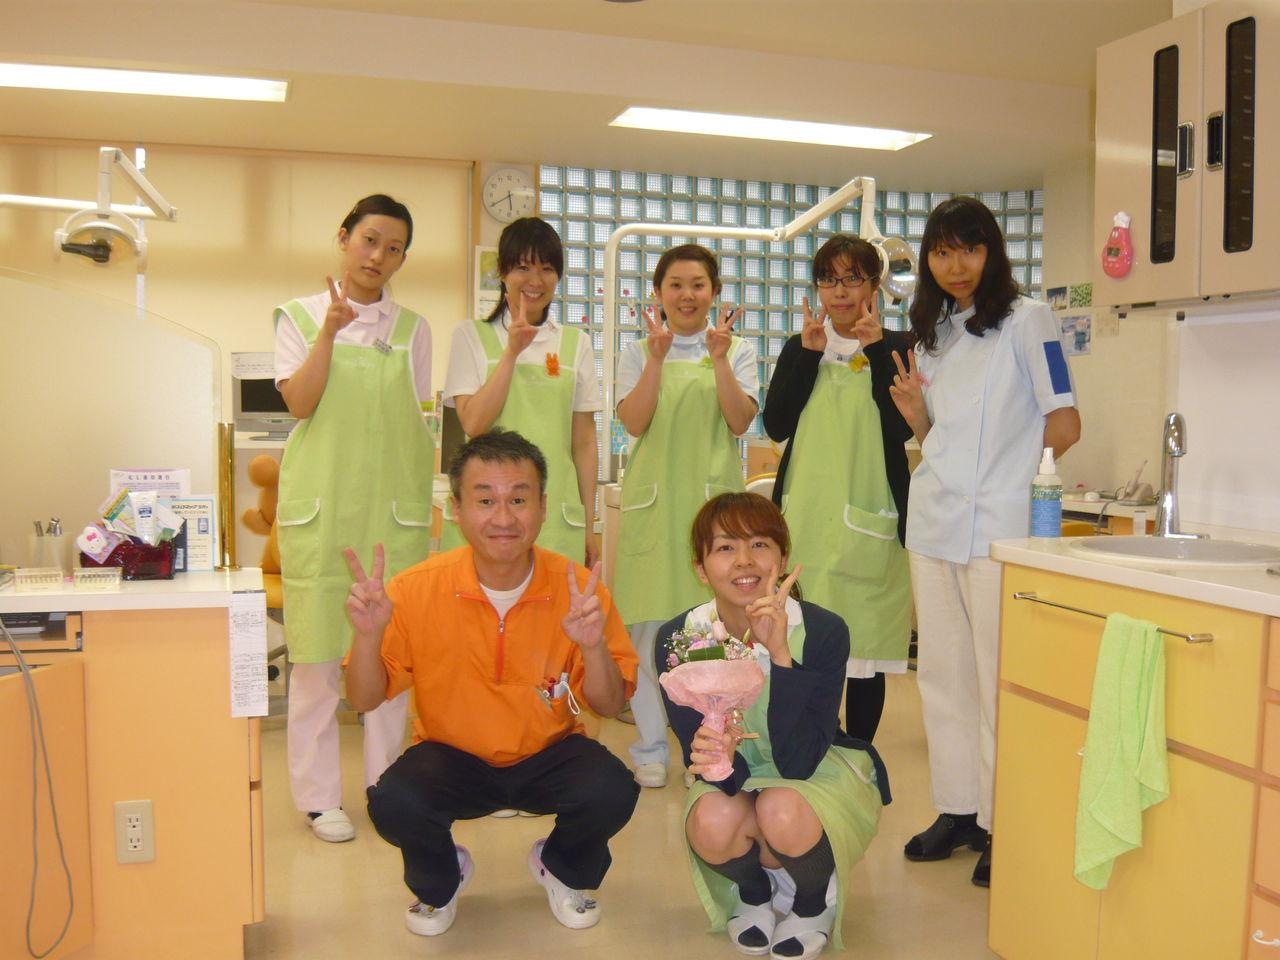 大田区蒲田の島田歯科 スタッフ誕生日イベント 小児歯科 矯正歯科